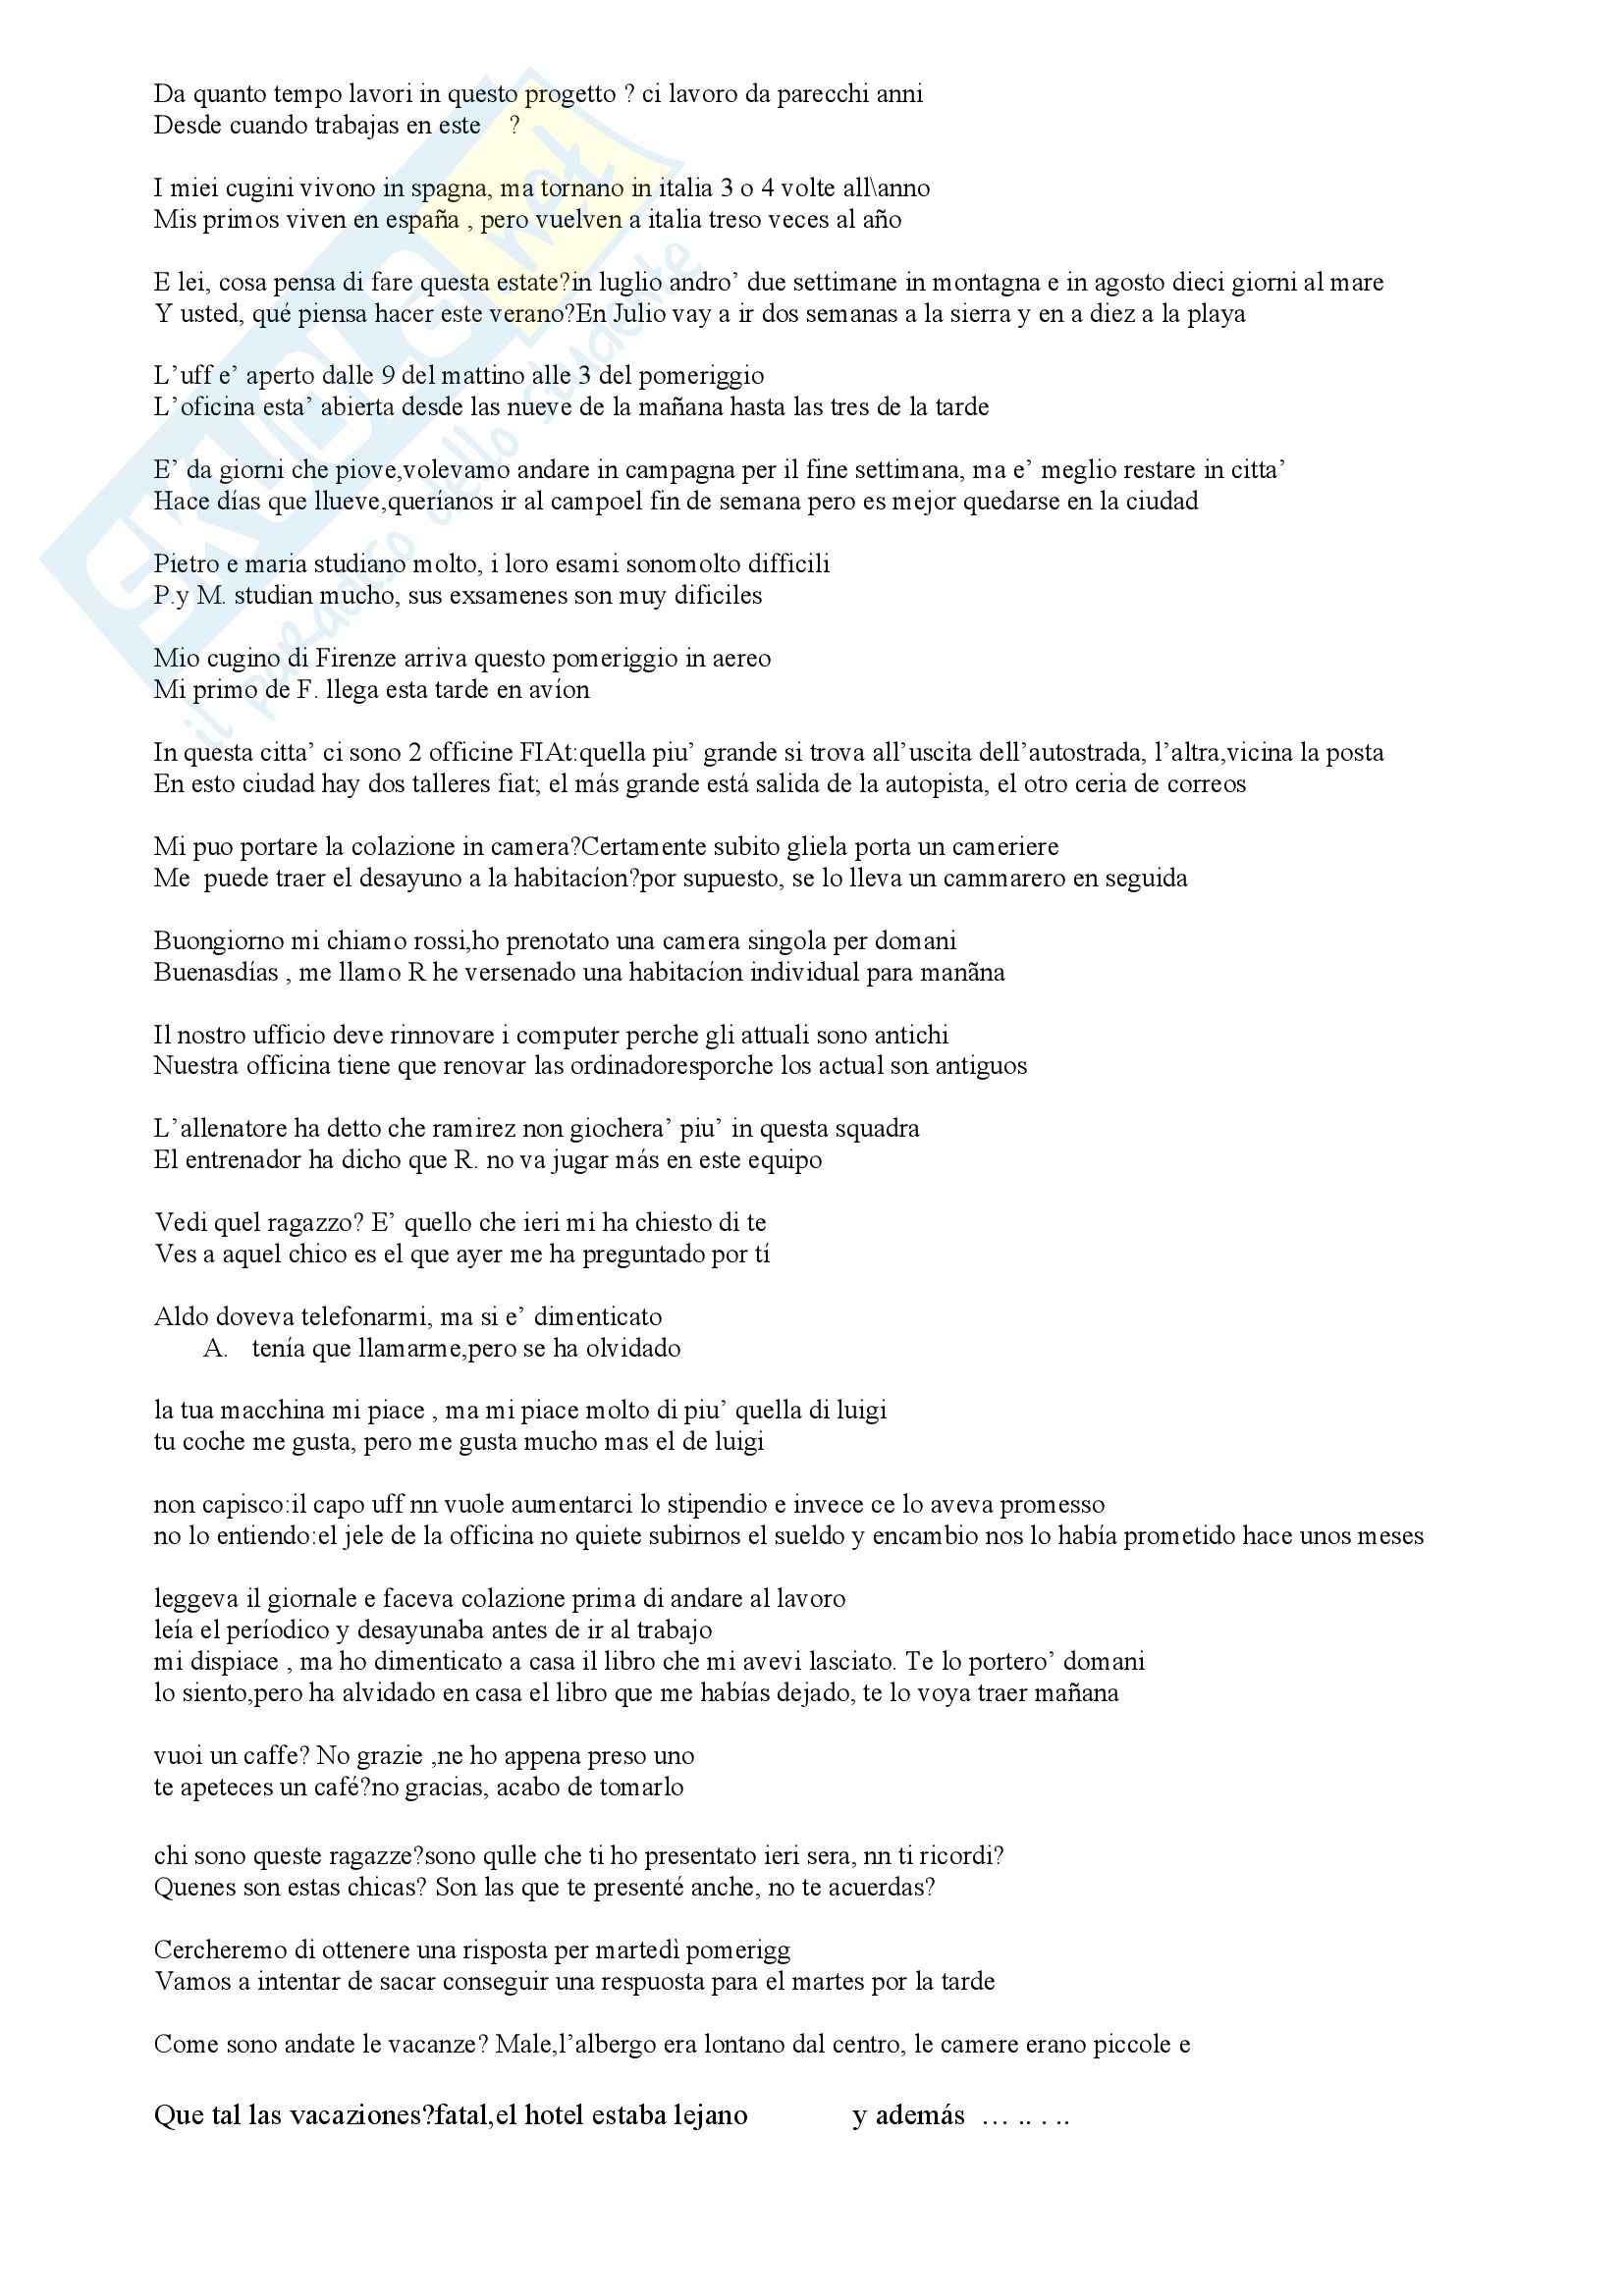 Spagnolo - compendio di frasi